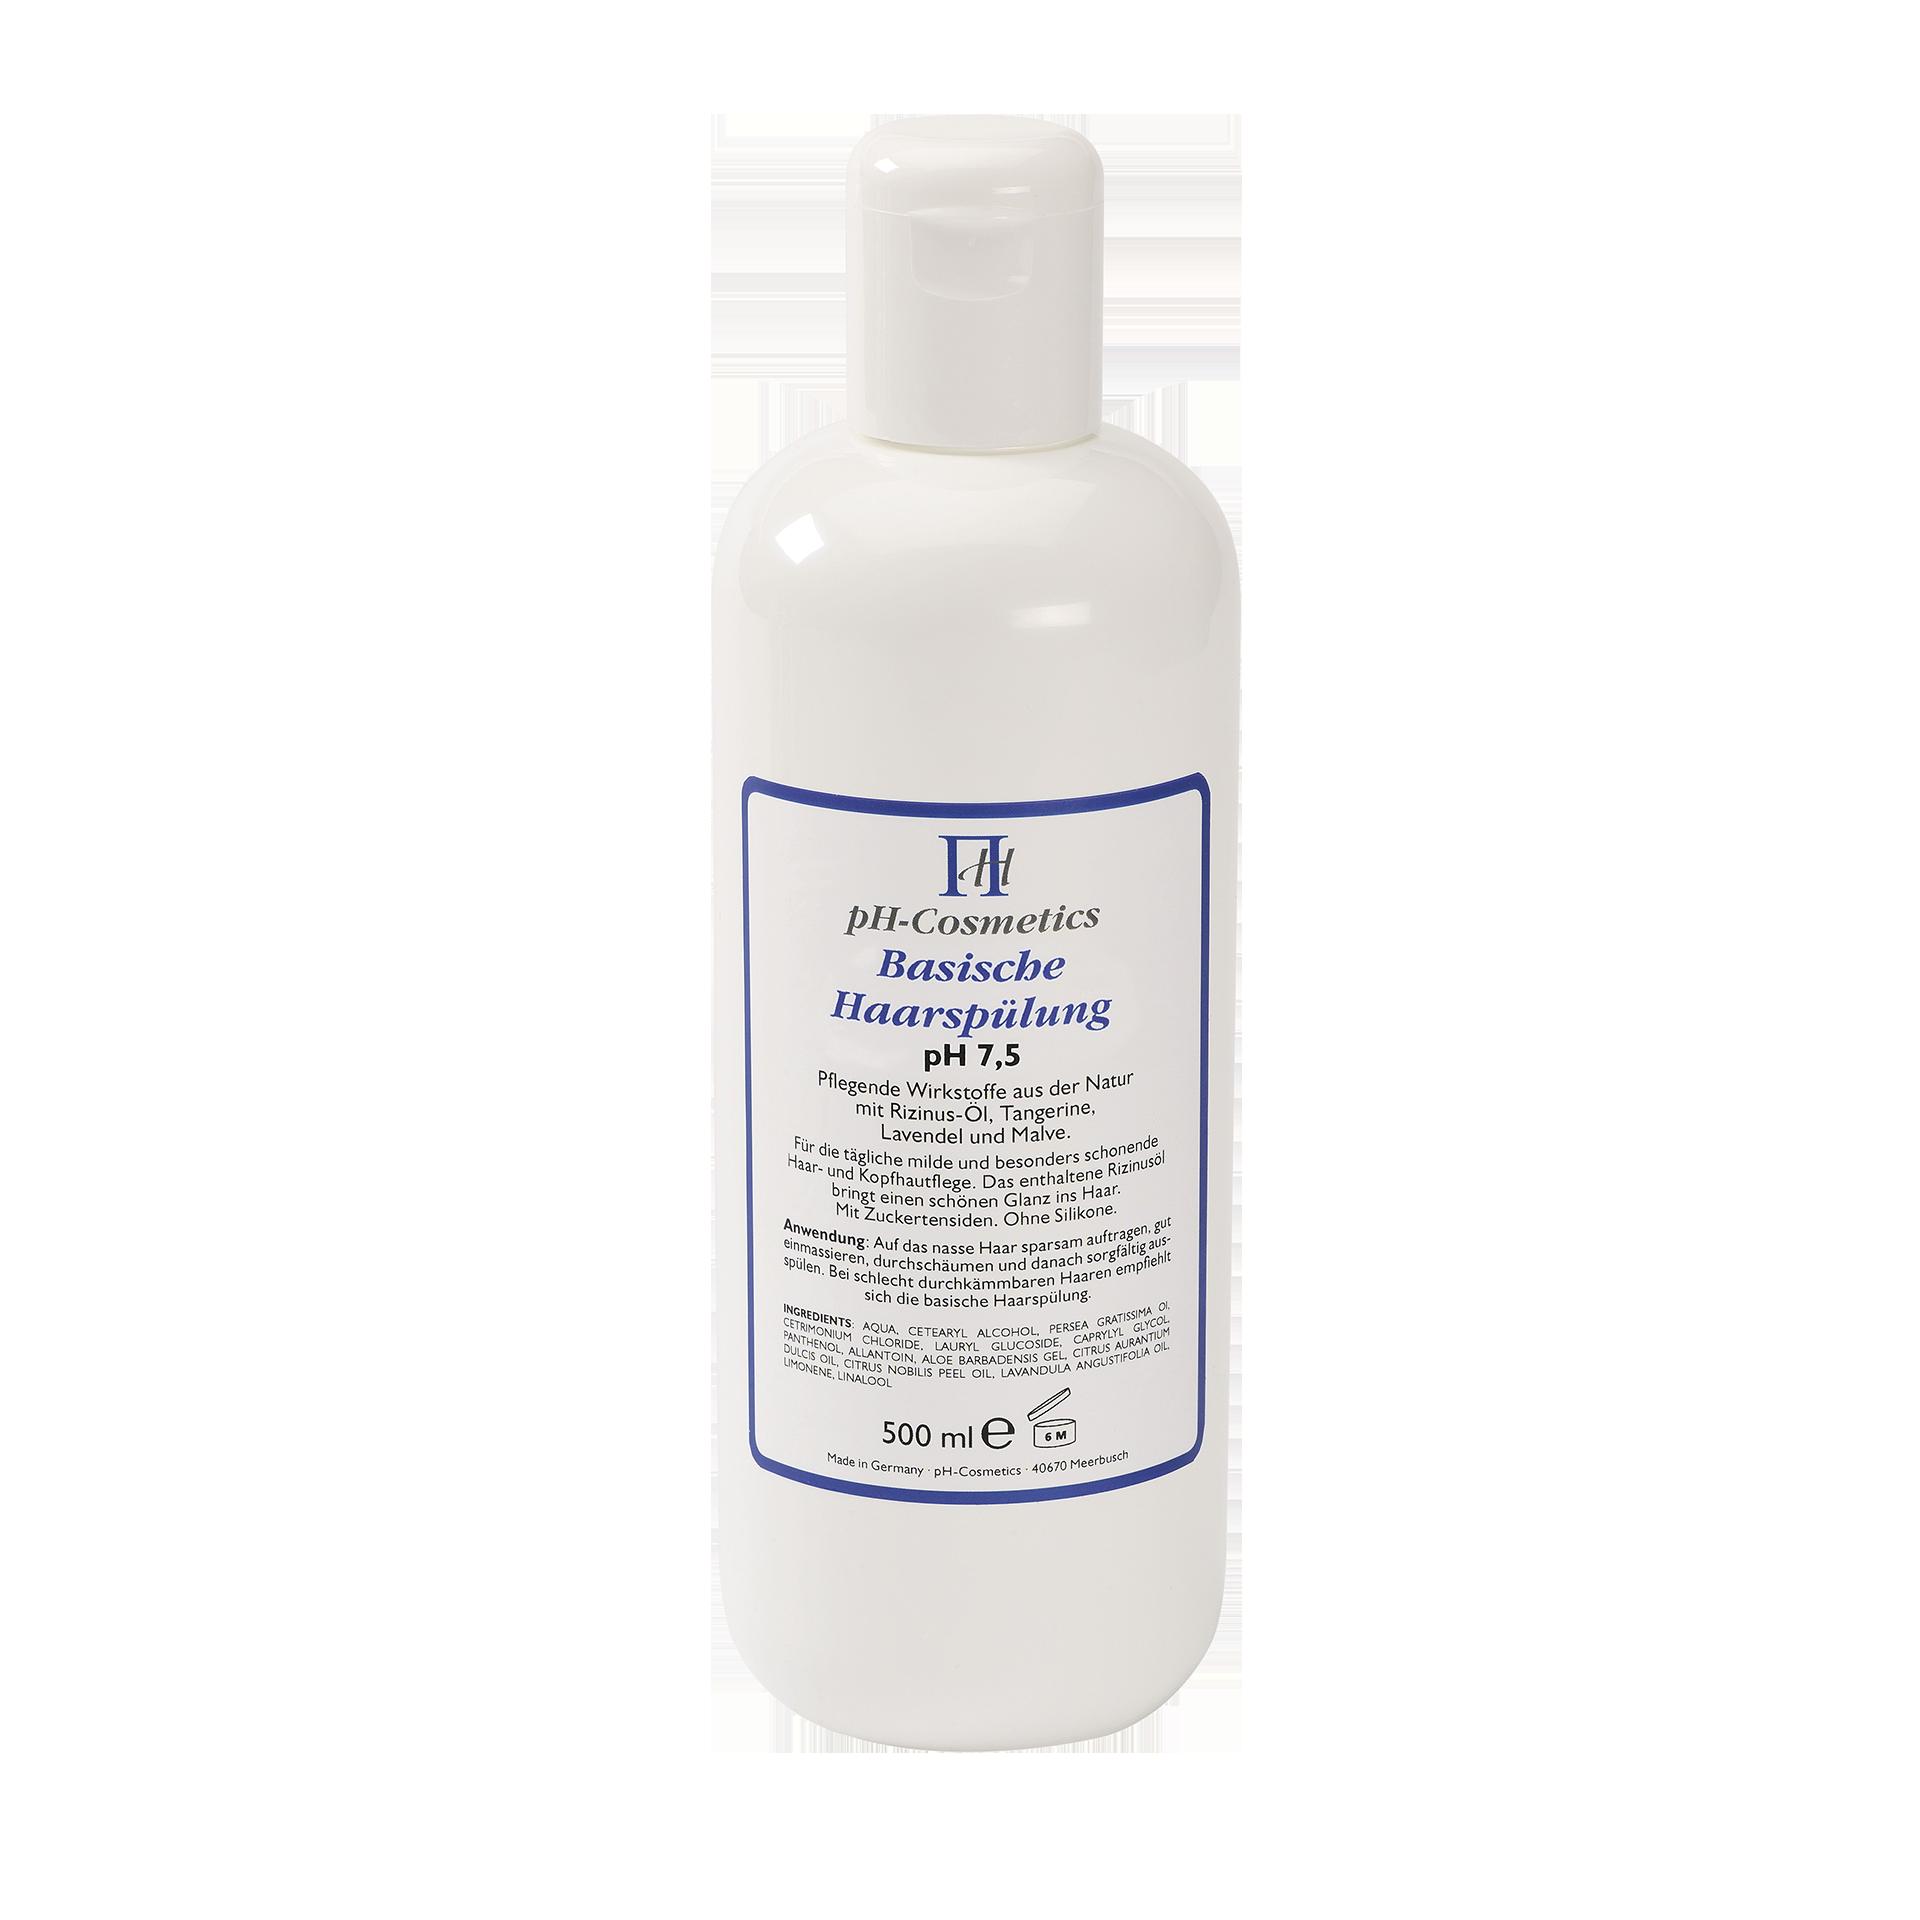 pH-Cosmetics Basische Haarspülung, pH 7.5, 500 ml